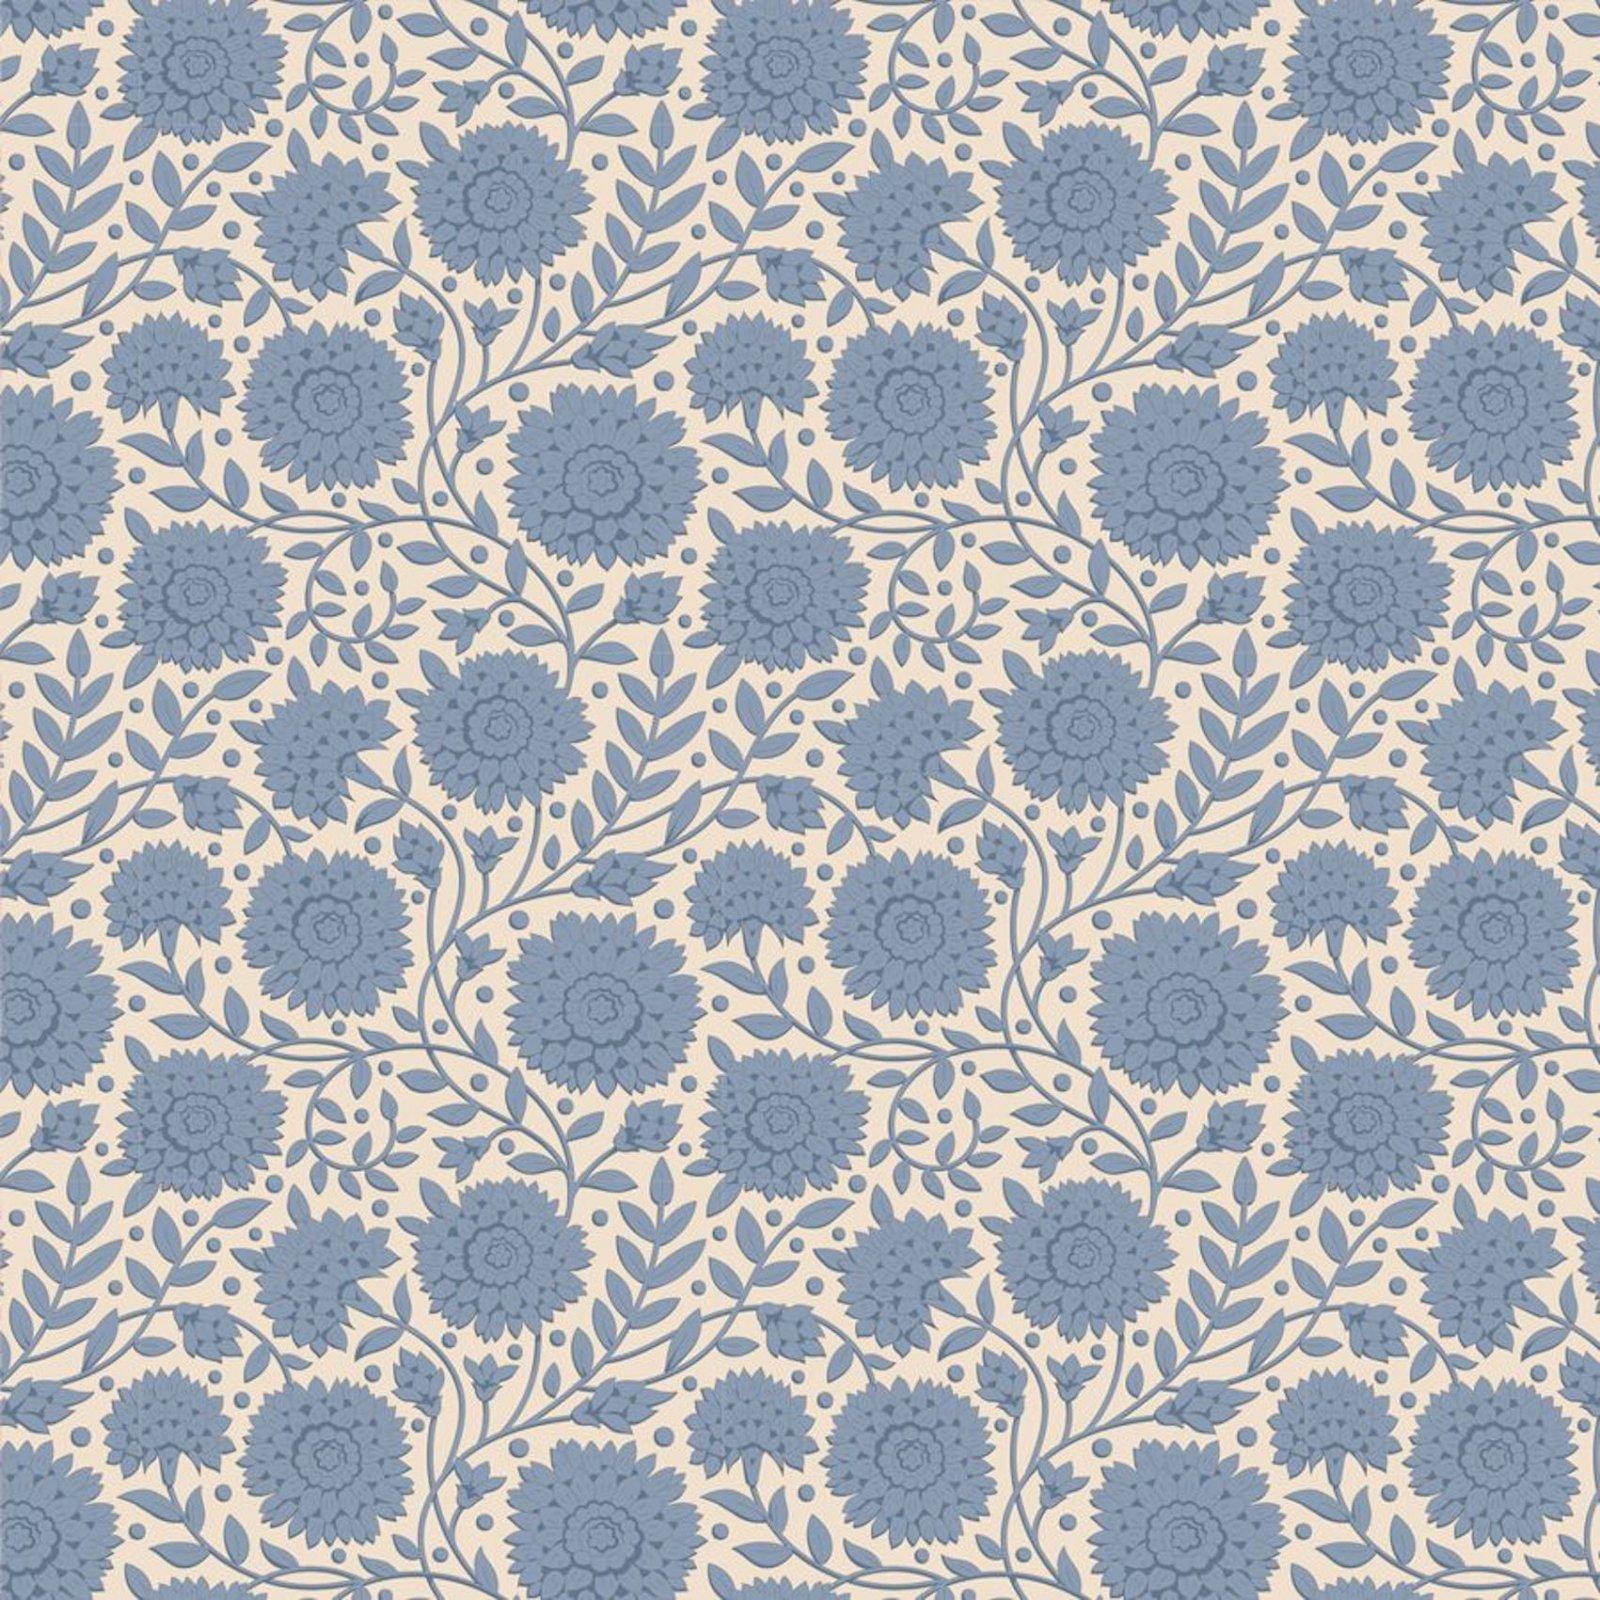 Tilda - Windy Days - Aella Floral Blue